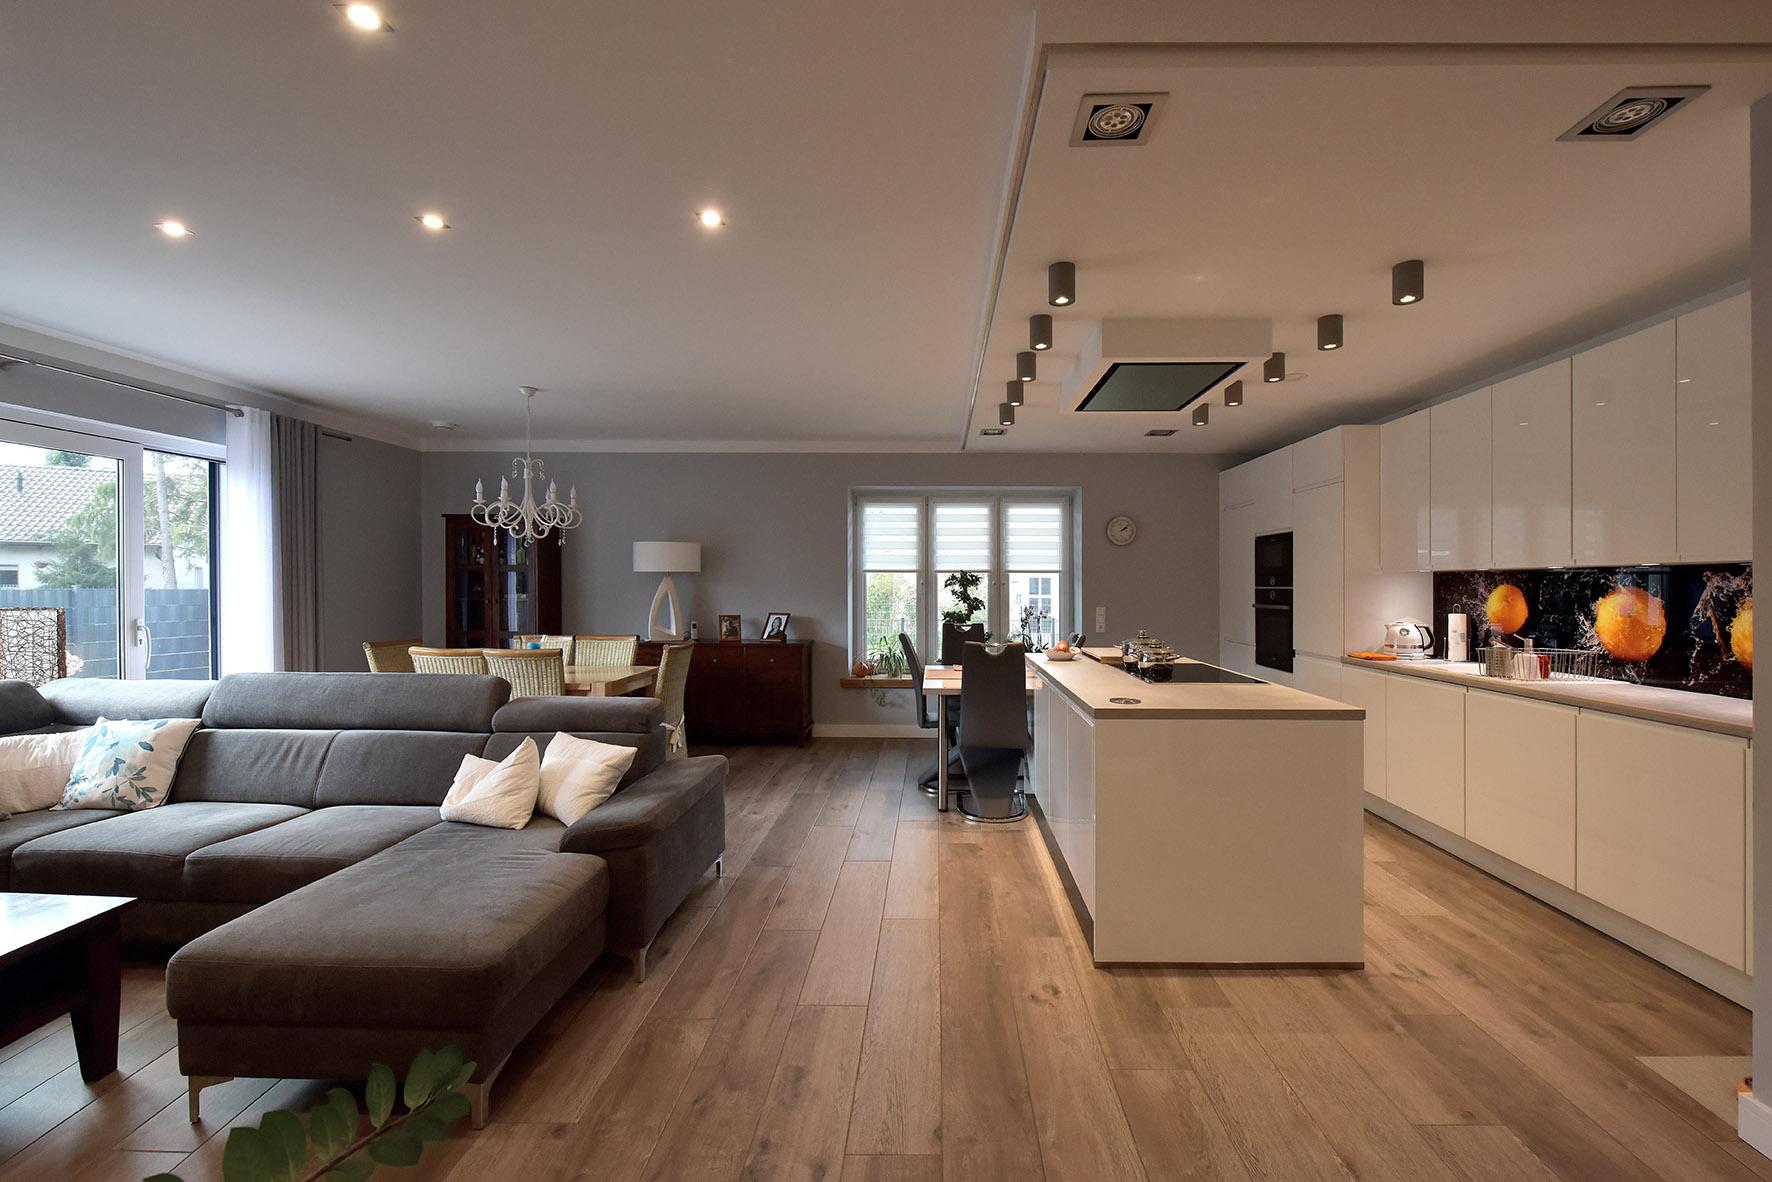 offene Küche mit abgehangener Decke & Einbauspots & Kochinsel.jpg